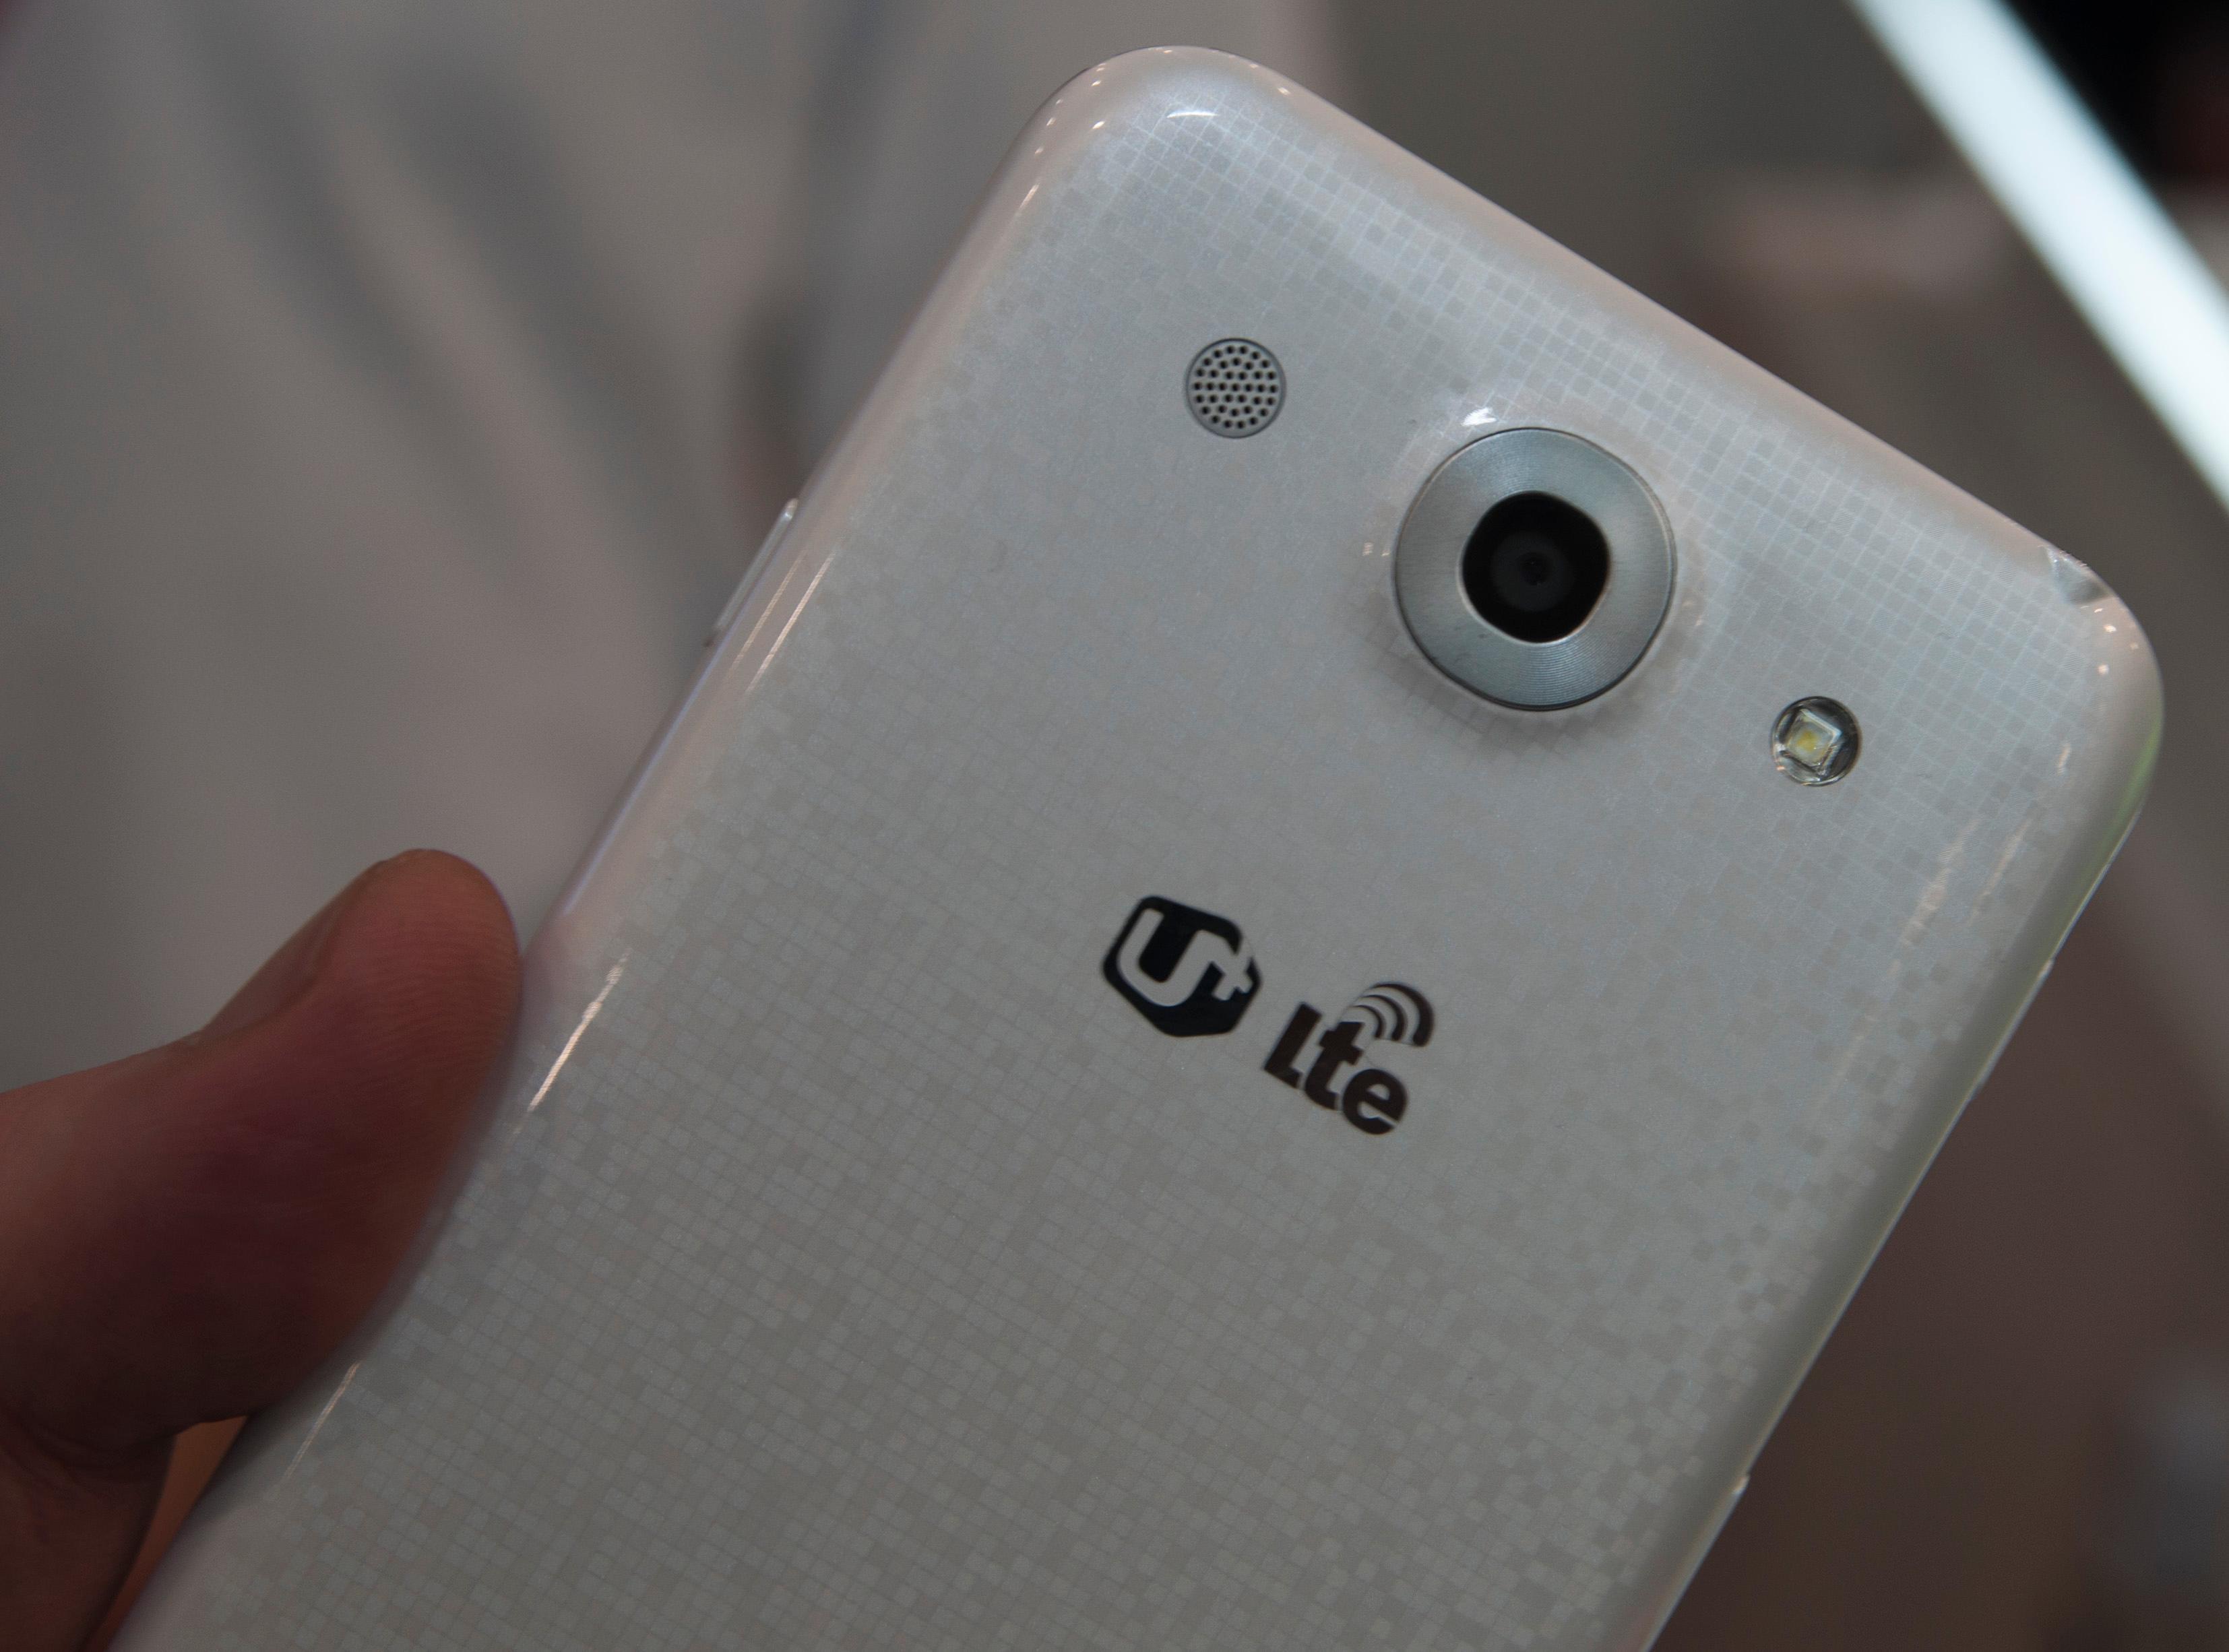 Baksiden på Optimus G Pro har det samme discokulemønsteret som Nexus 4 har. Her er imidlertid byggematerialet plast.Foto: Finn Jarle Kvalheim, Amobil.no